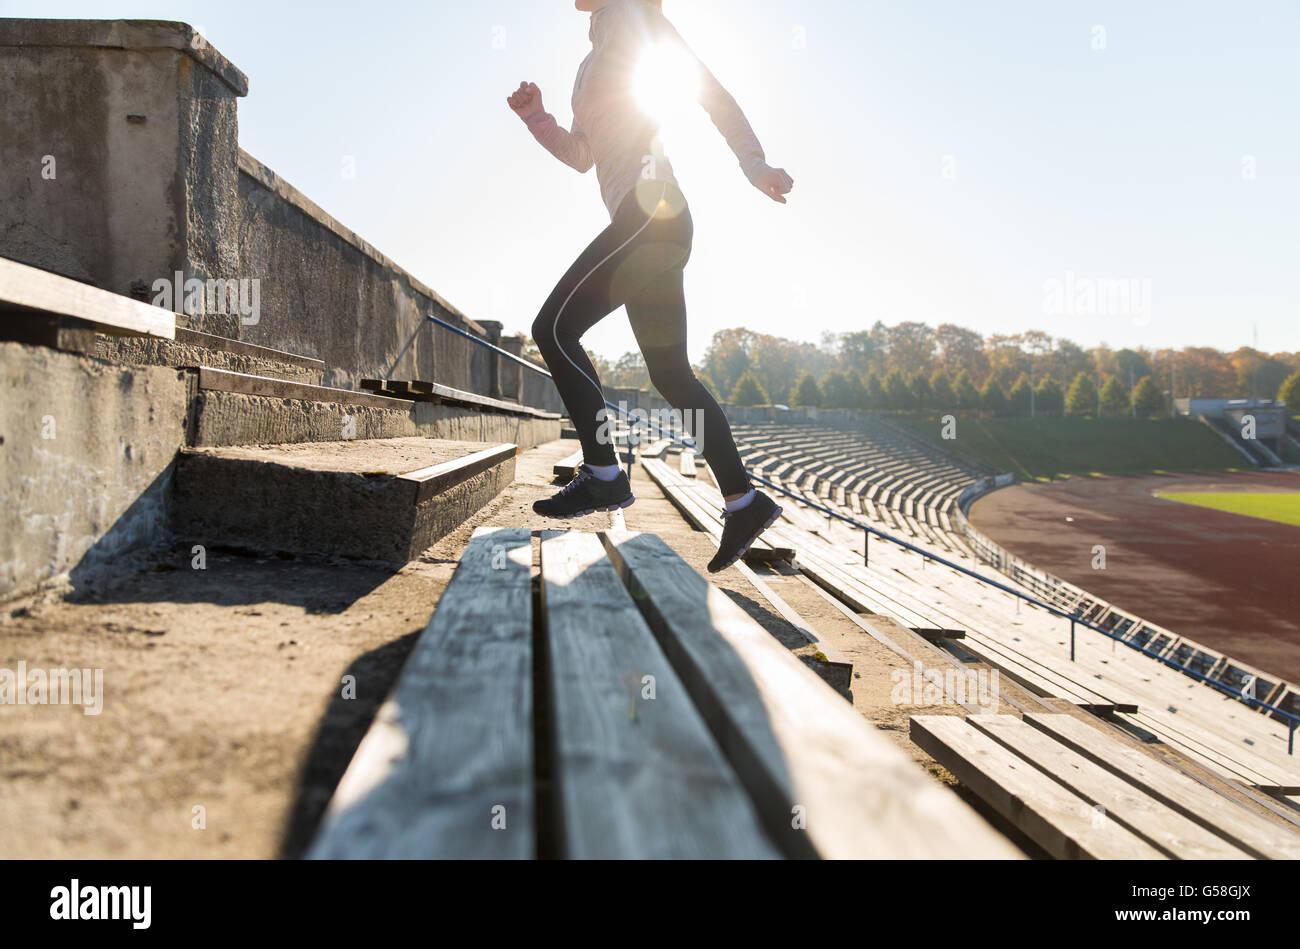 Nahaufnahme von Frau läuft im Obergeschoss am Stadion Stockbild